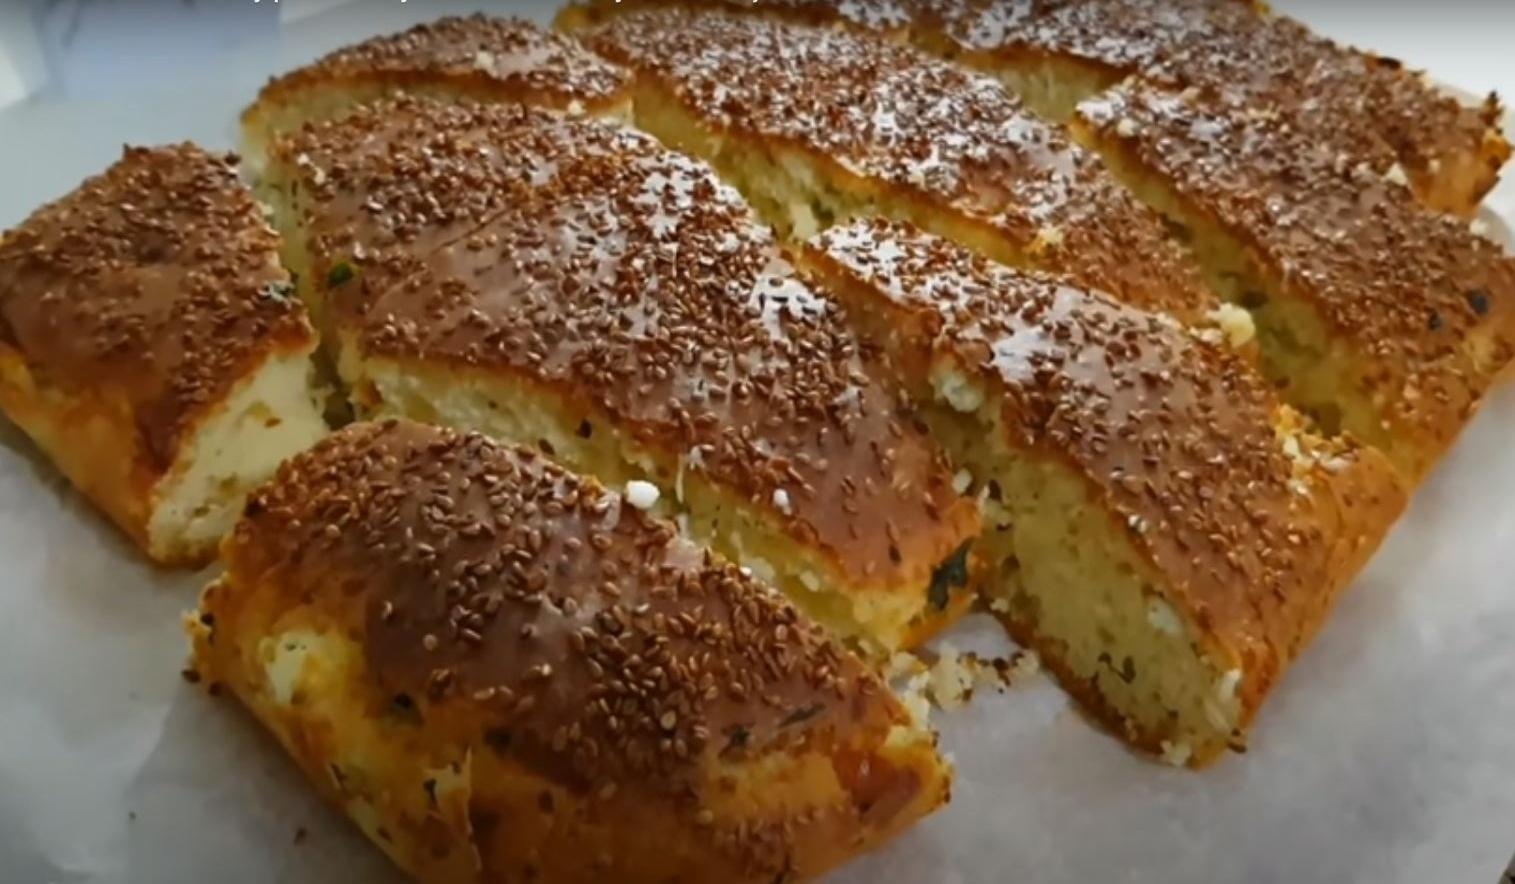 Back to school: Αφράτο τυρόψωμο με φέτα και κίτρινο τυρί! Τέλειο  κολατσιό για το σχολείο